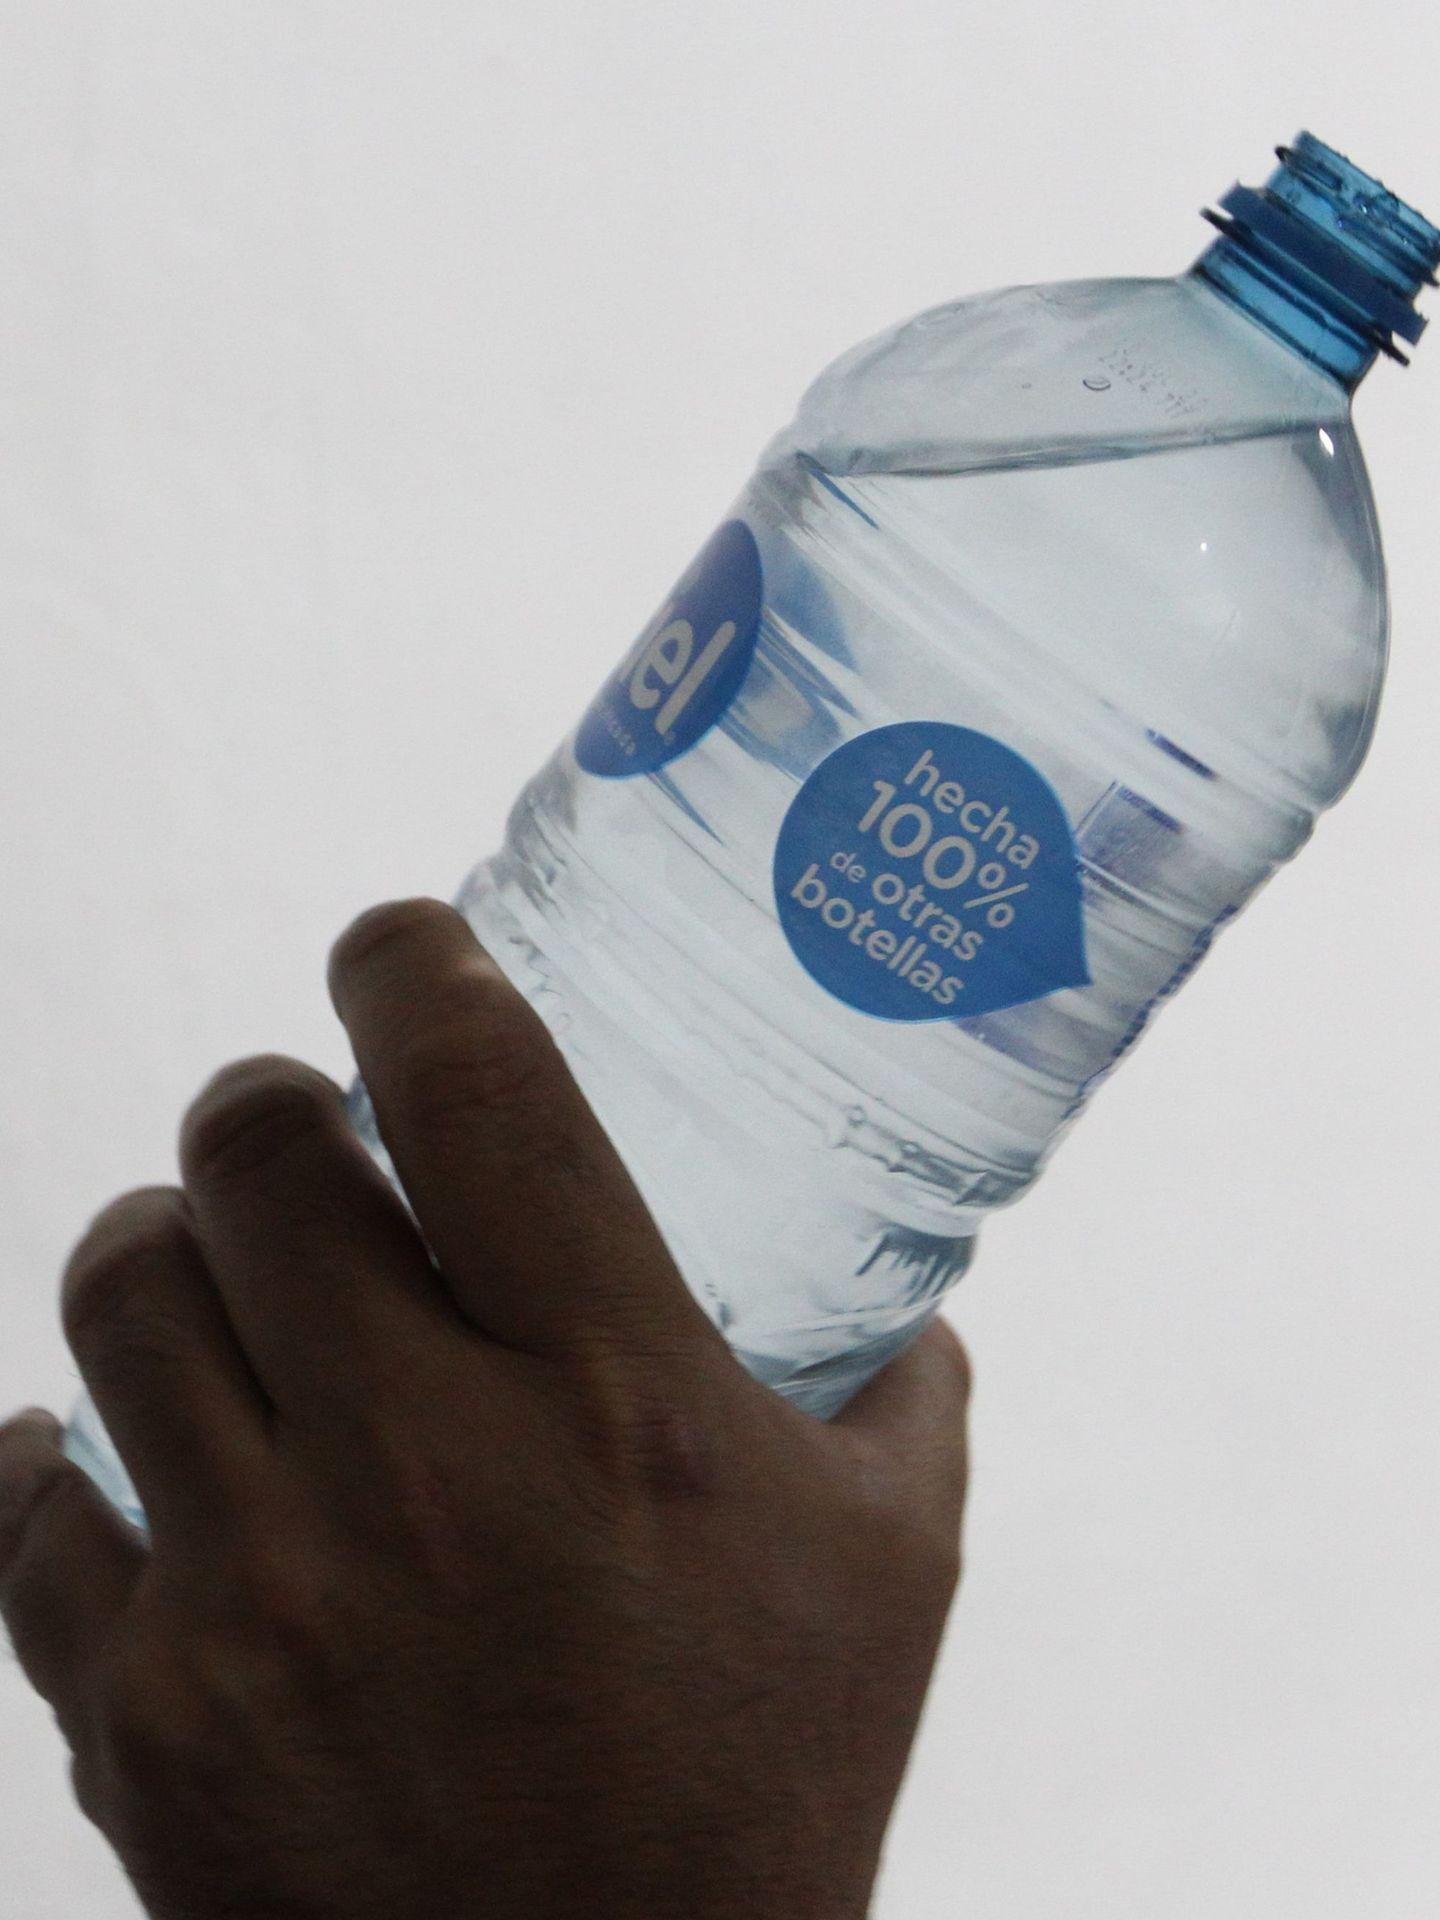 El reciclaje de envases de plástico ha aumentado incesantemente en los últimos años en España. (EFE)